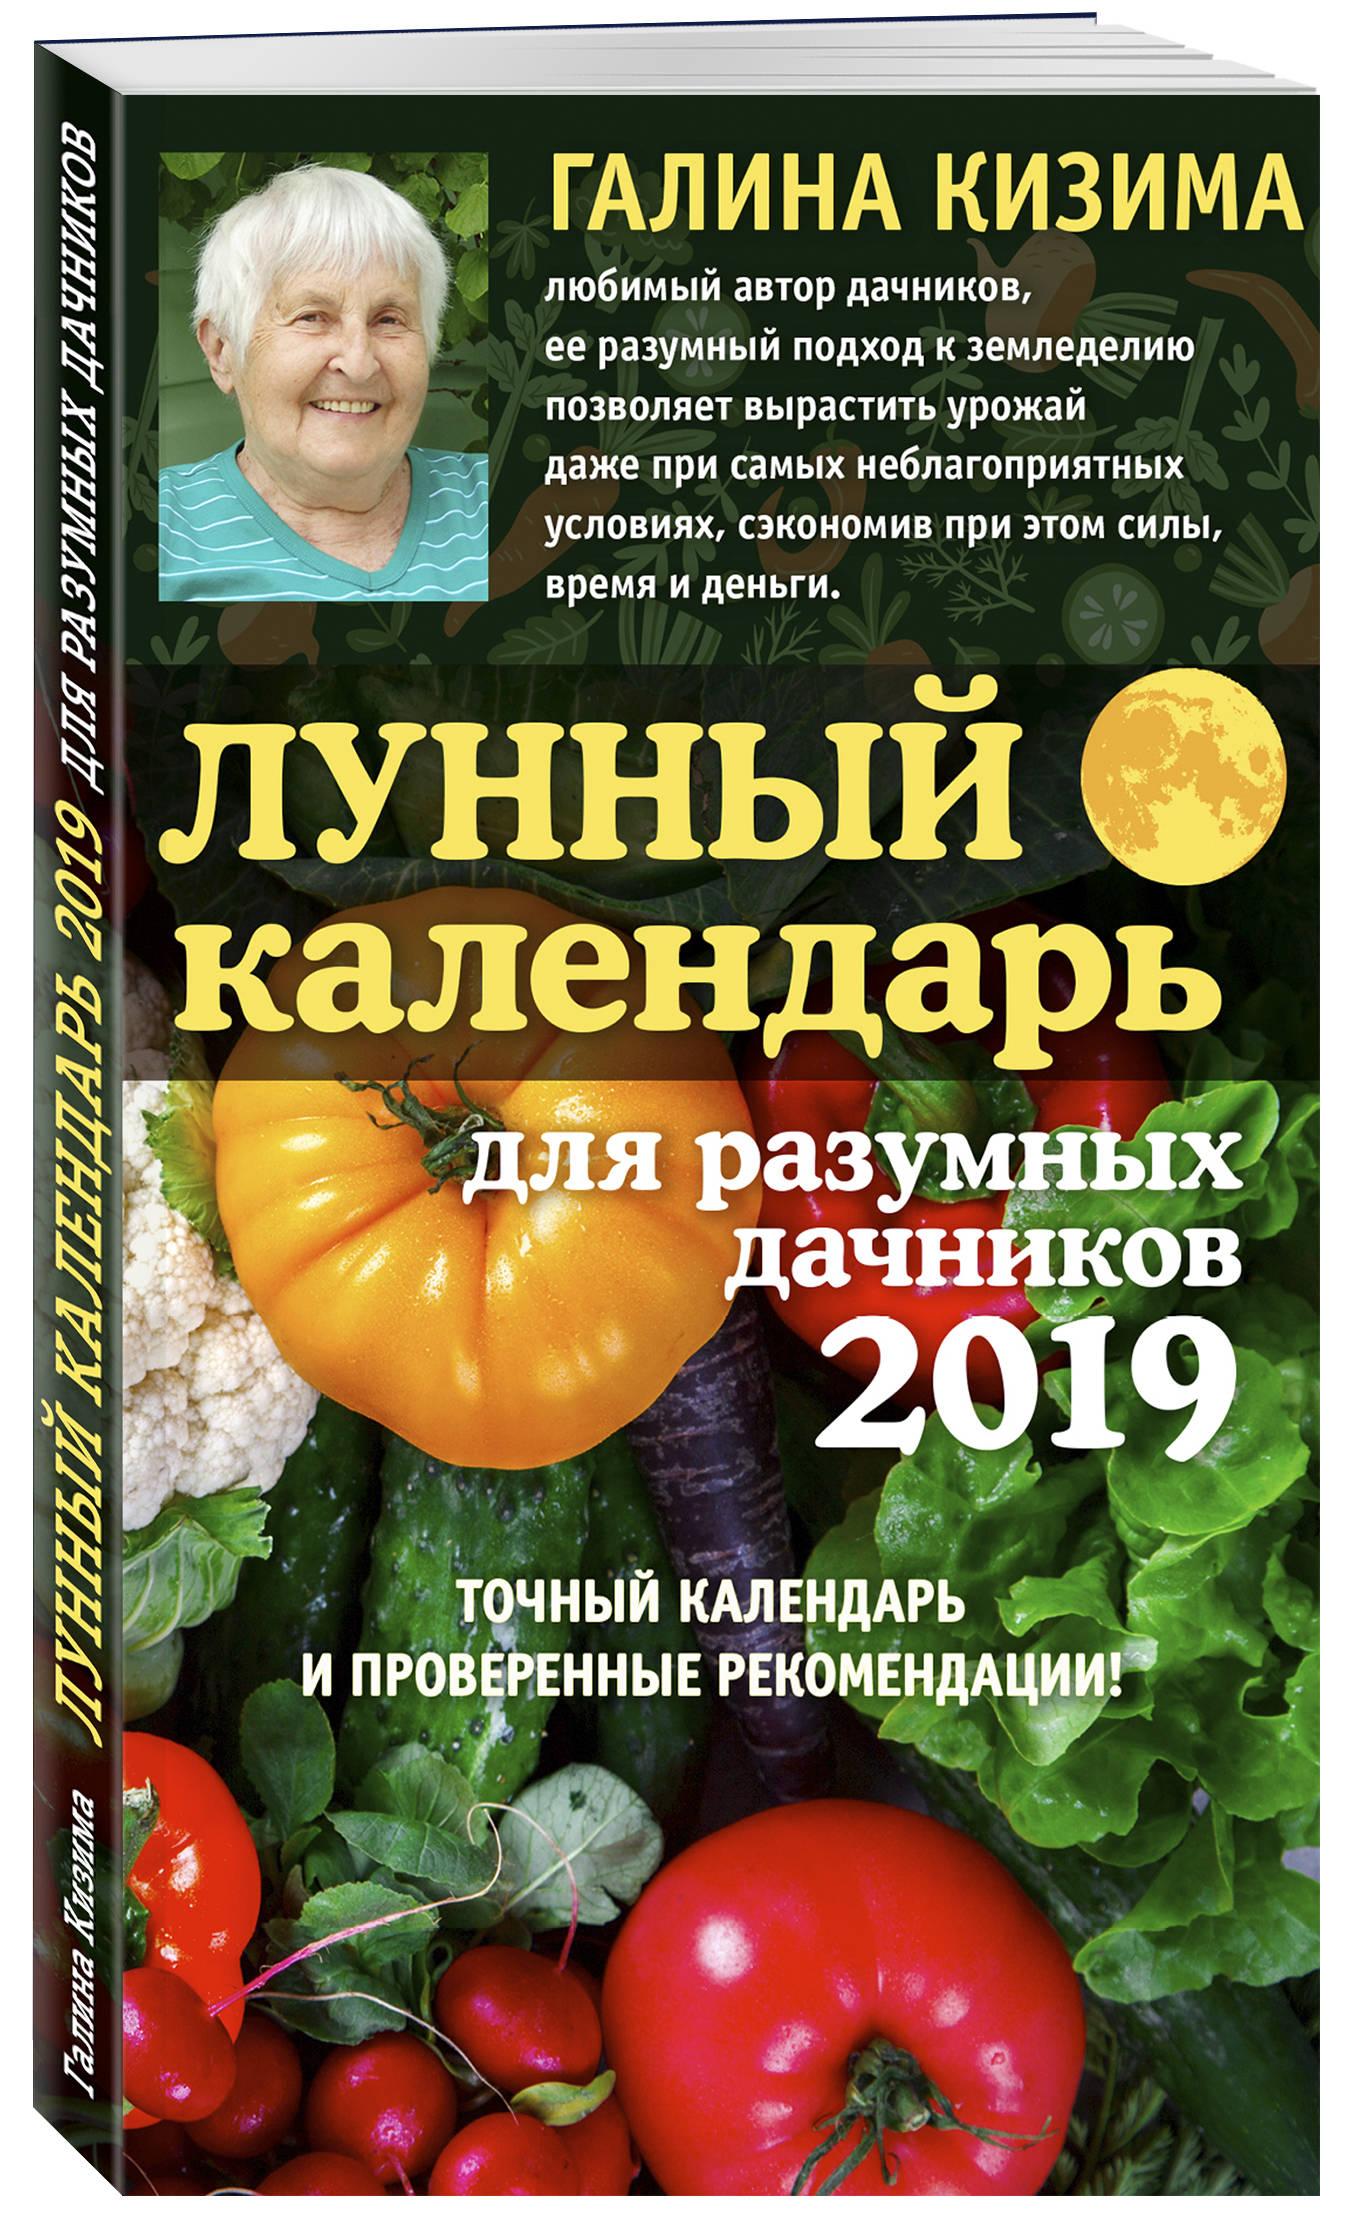 Галина Кизима Лунный календарь для разумных дачников 2019 от Галины Кизимы